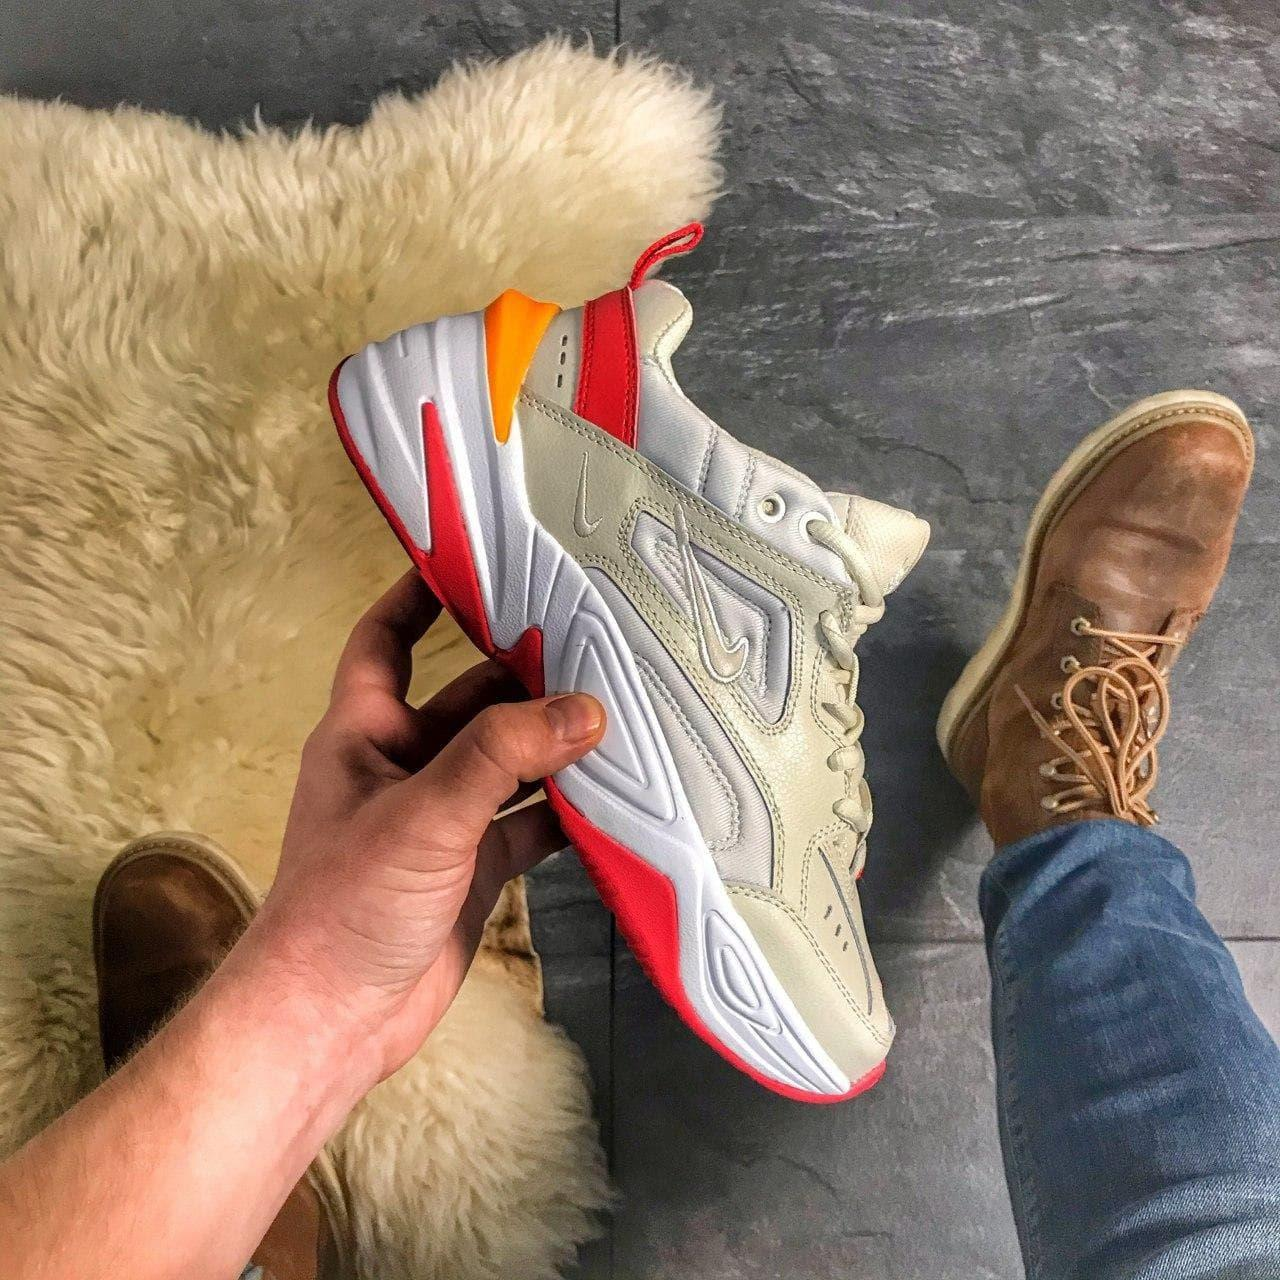 Кроссовки Nike M2K Tekno женские, белого цвета, Найк М2К Текно, женская обувь Найк 39